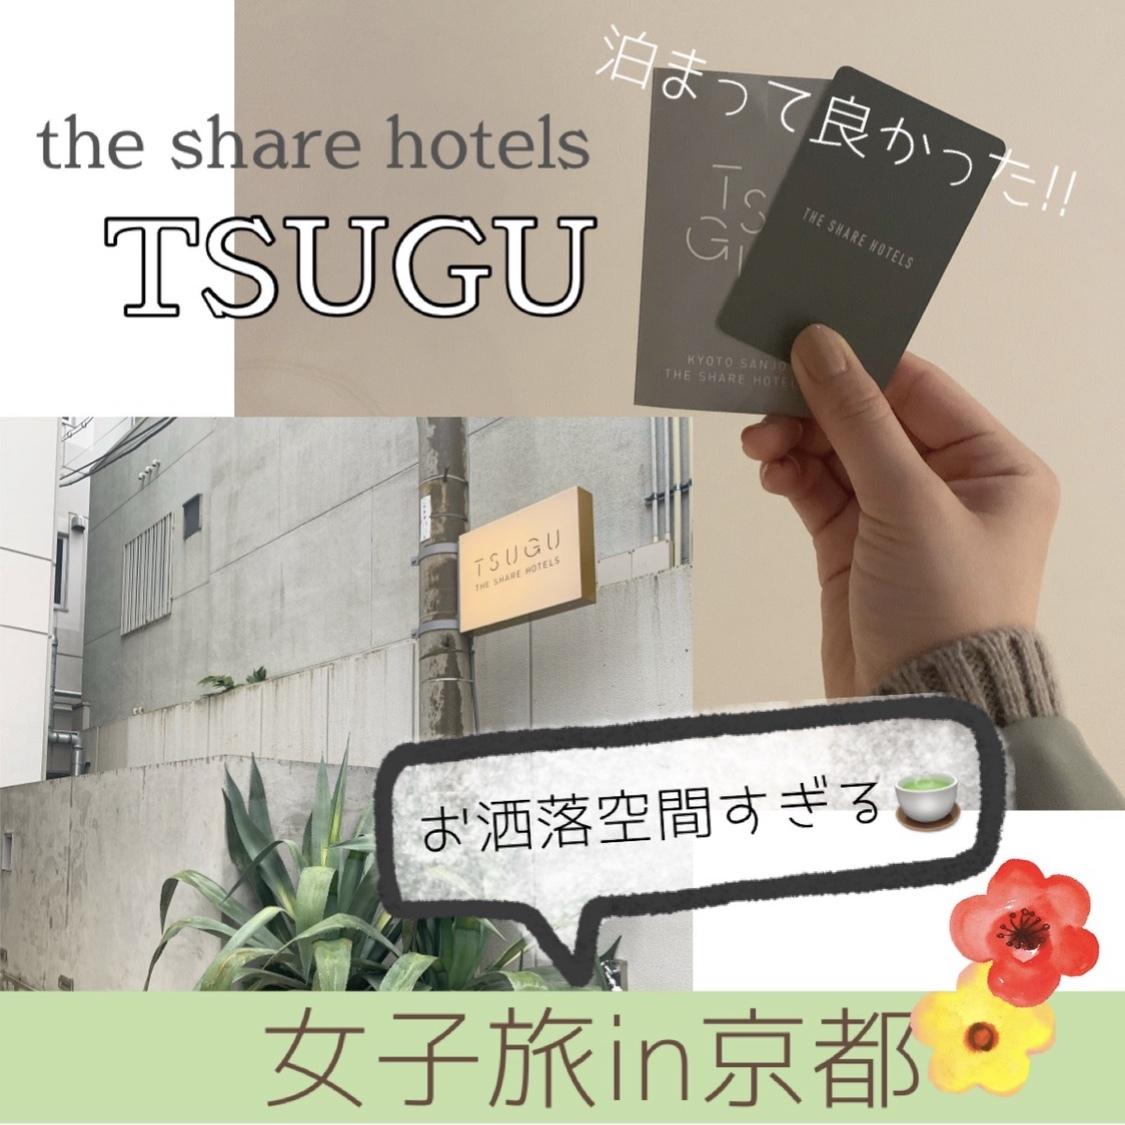 【女子旅in京都】おすすめカフェ3選!!!_1_13